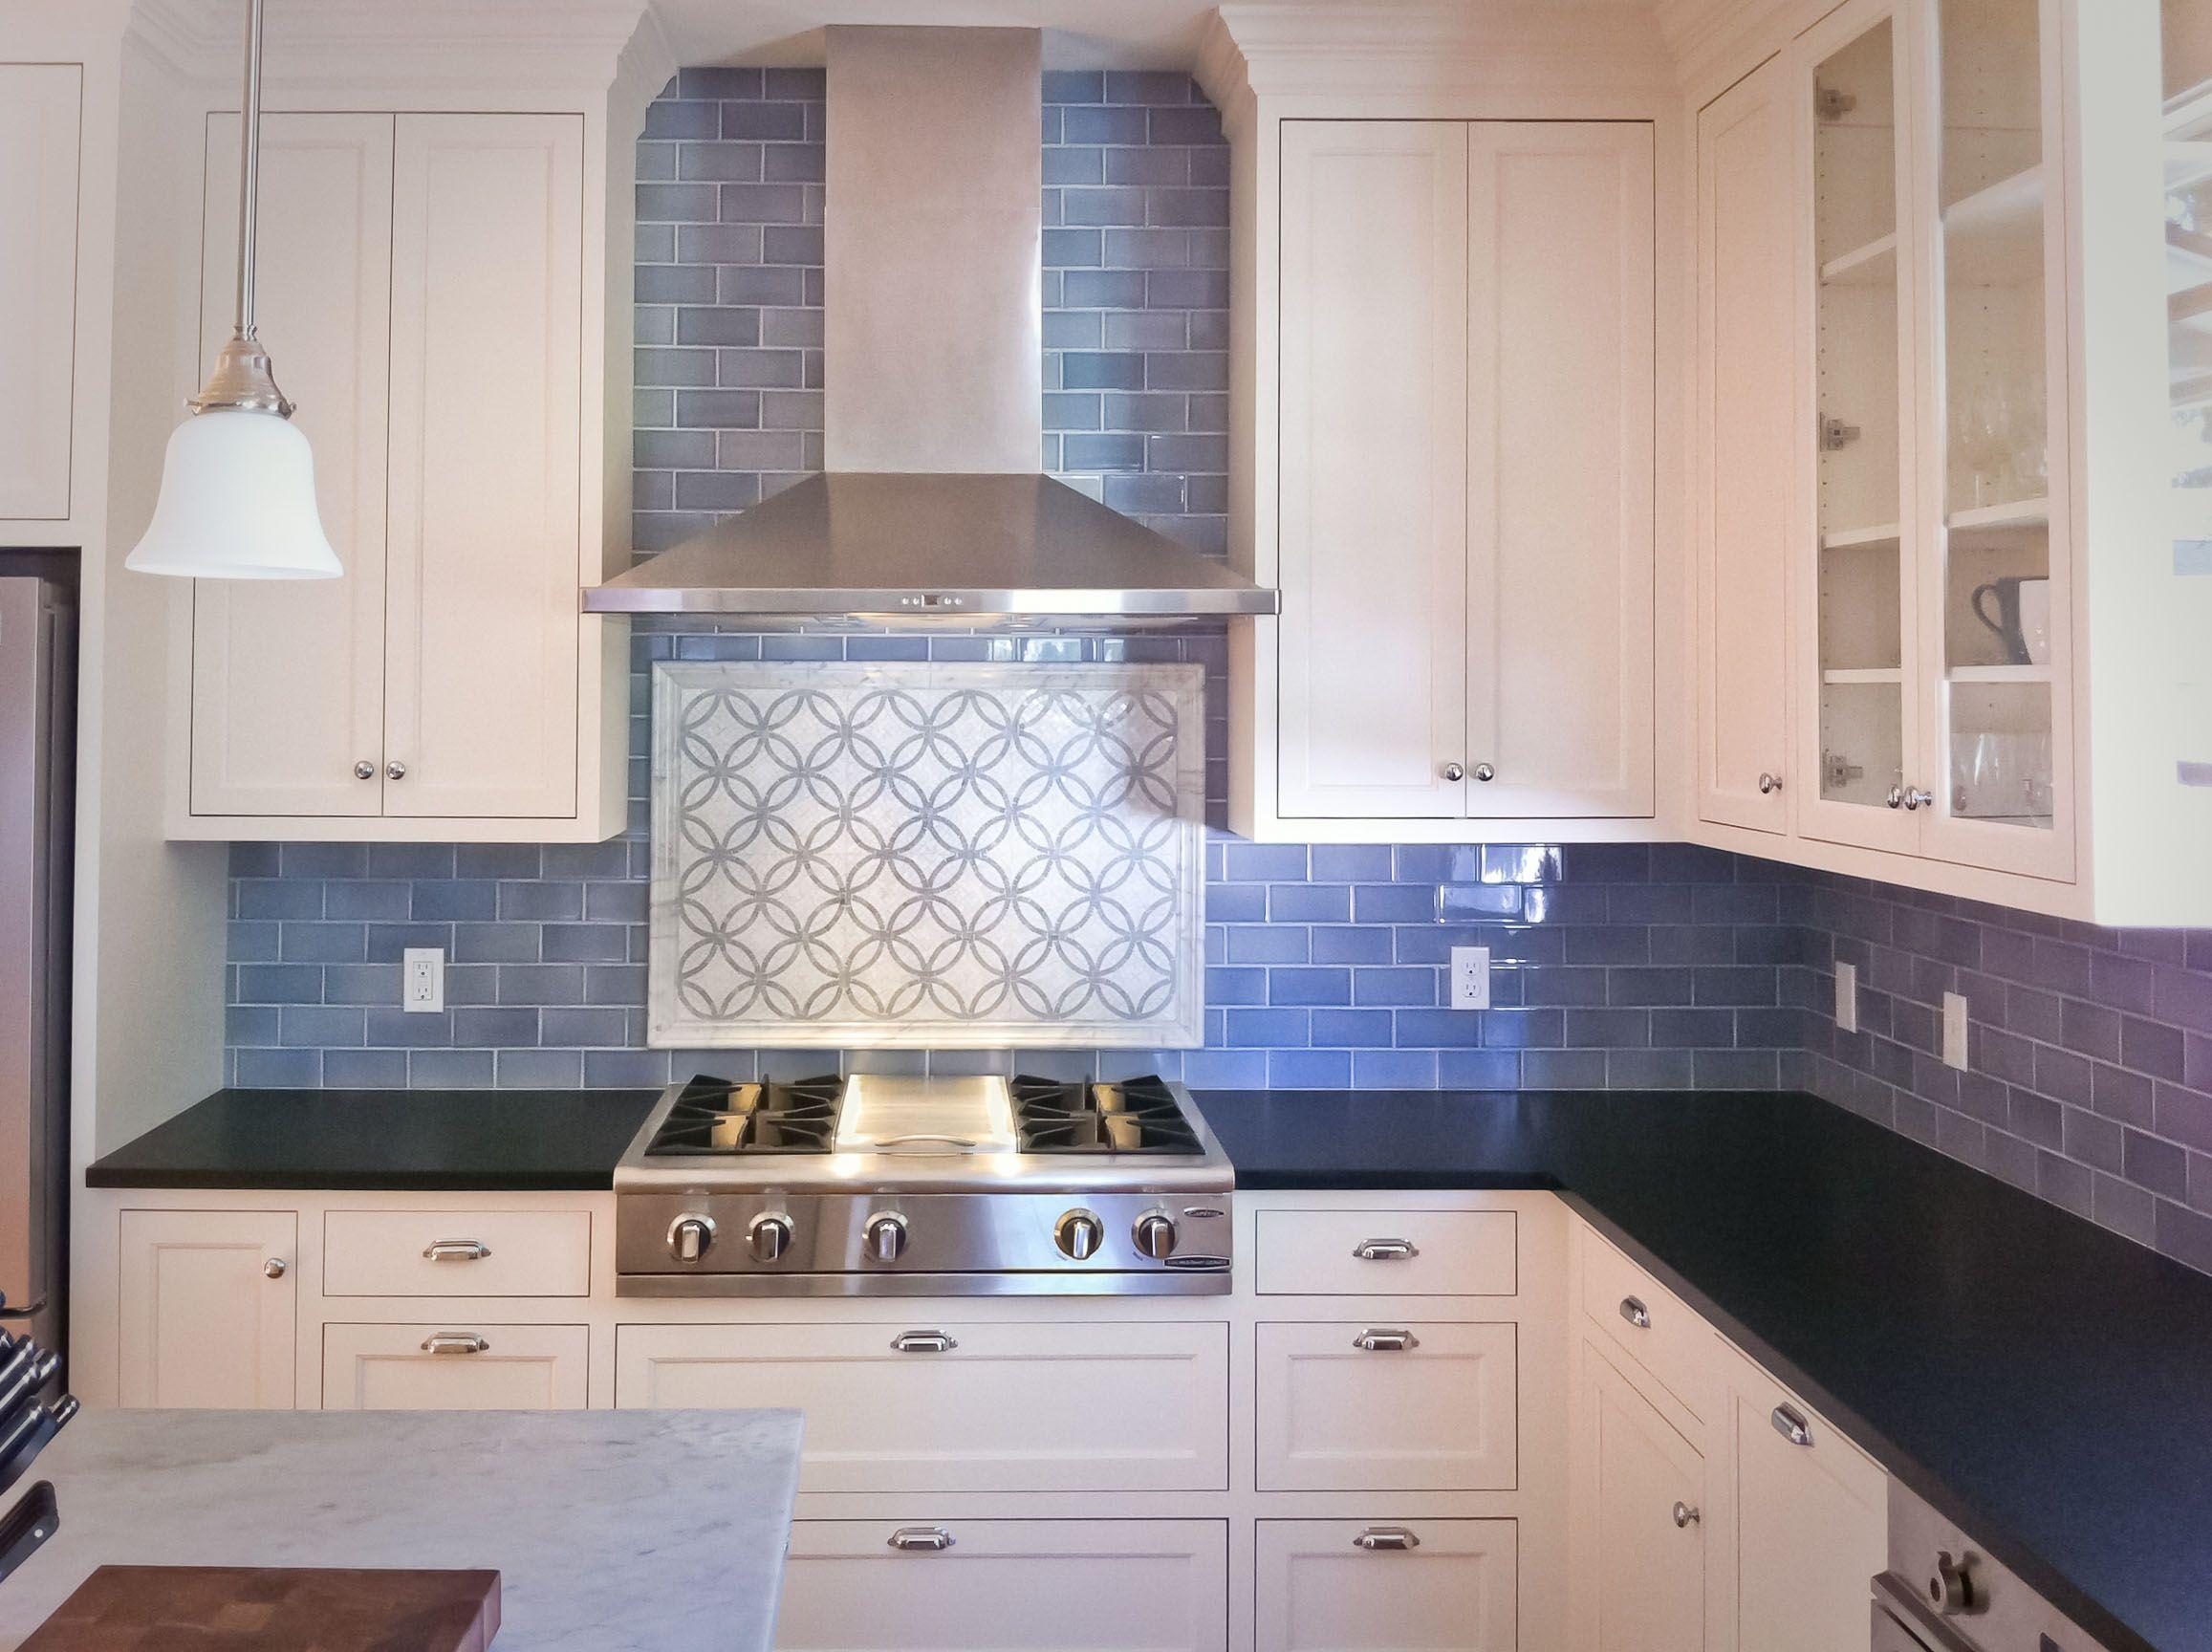 kitchen subway tile backsplash kitchen Wonderful Subway Tile Backsplash Kitchen Pictures With White Lacquered Wood Kitchen Cabinet Also Blue Tile Pattern Kitchen Backsplash And Black